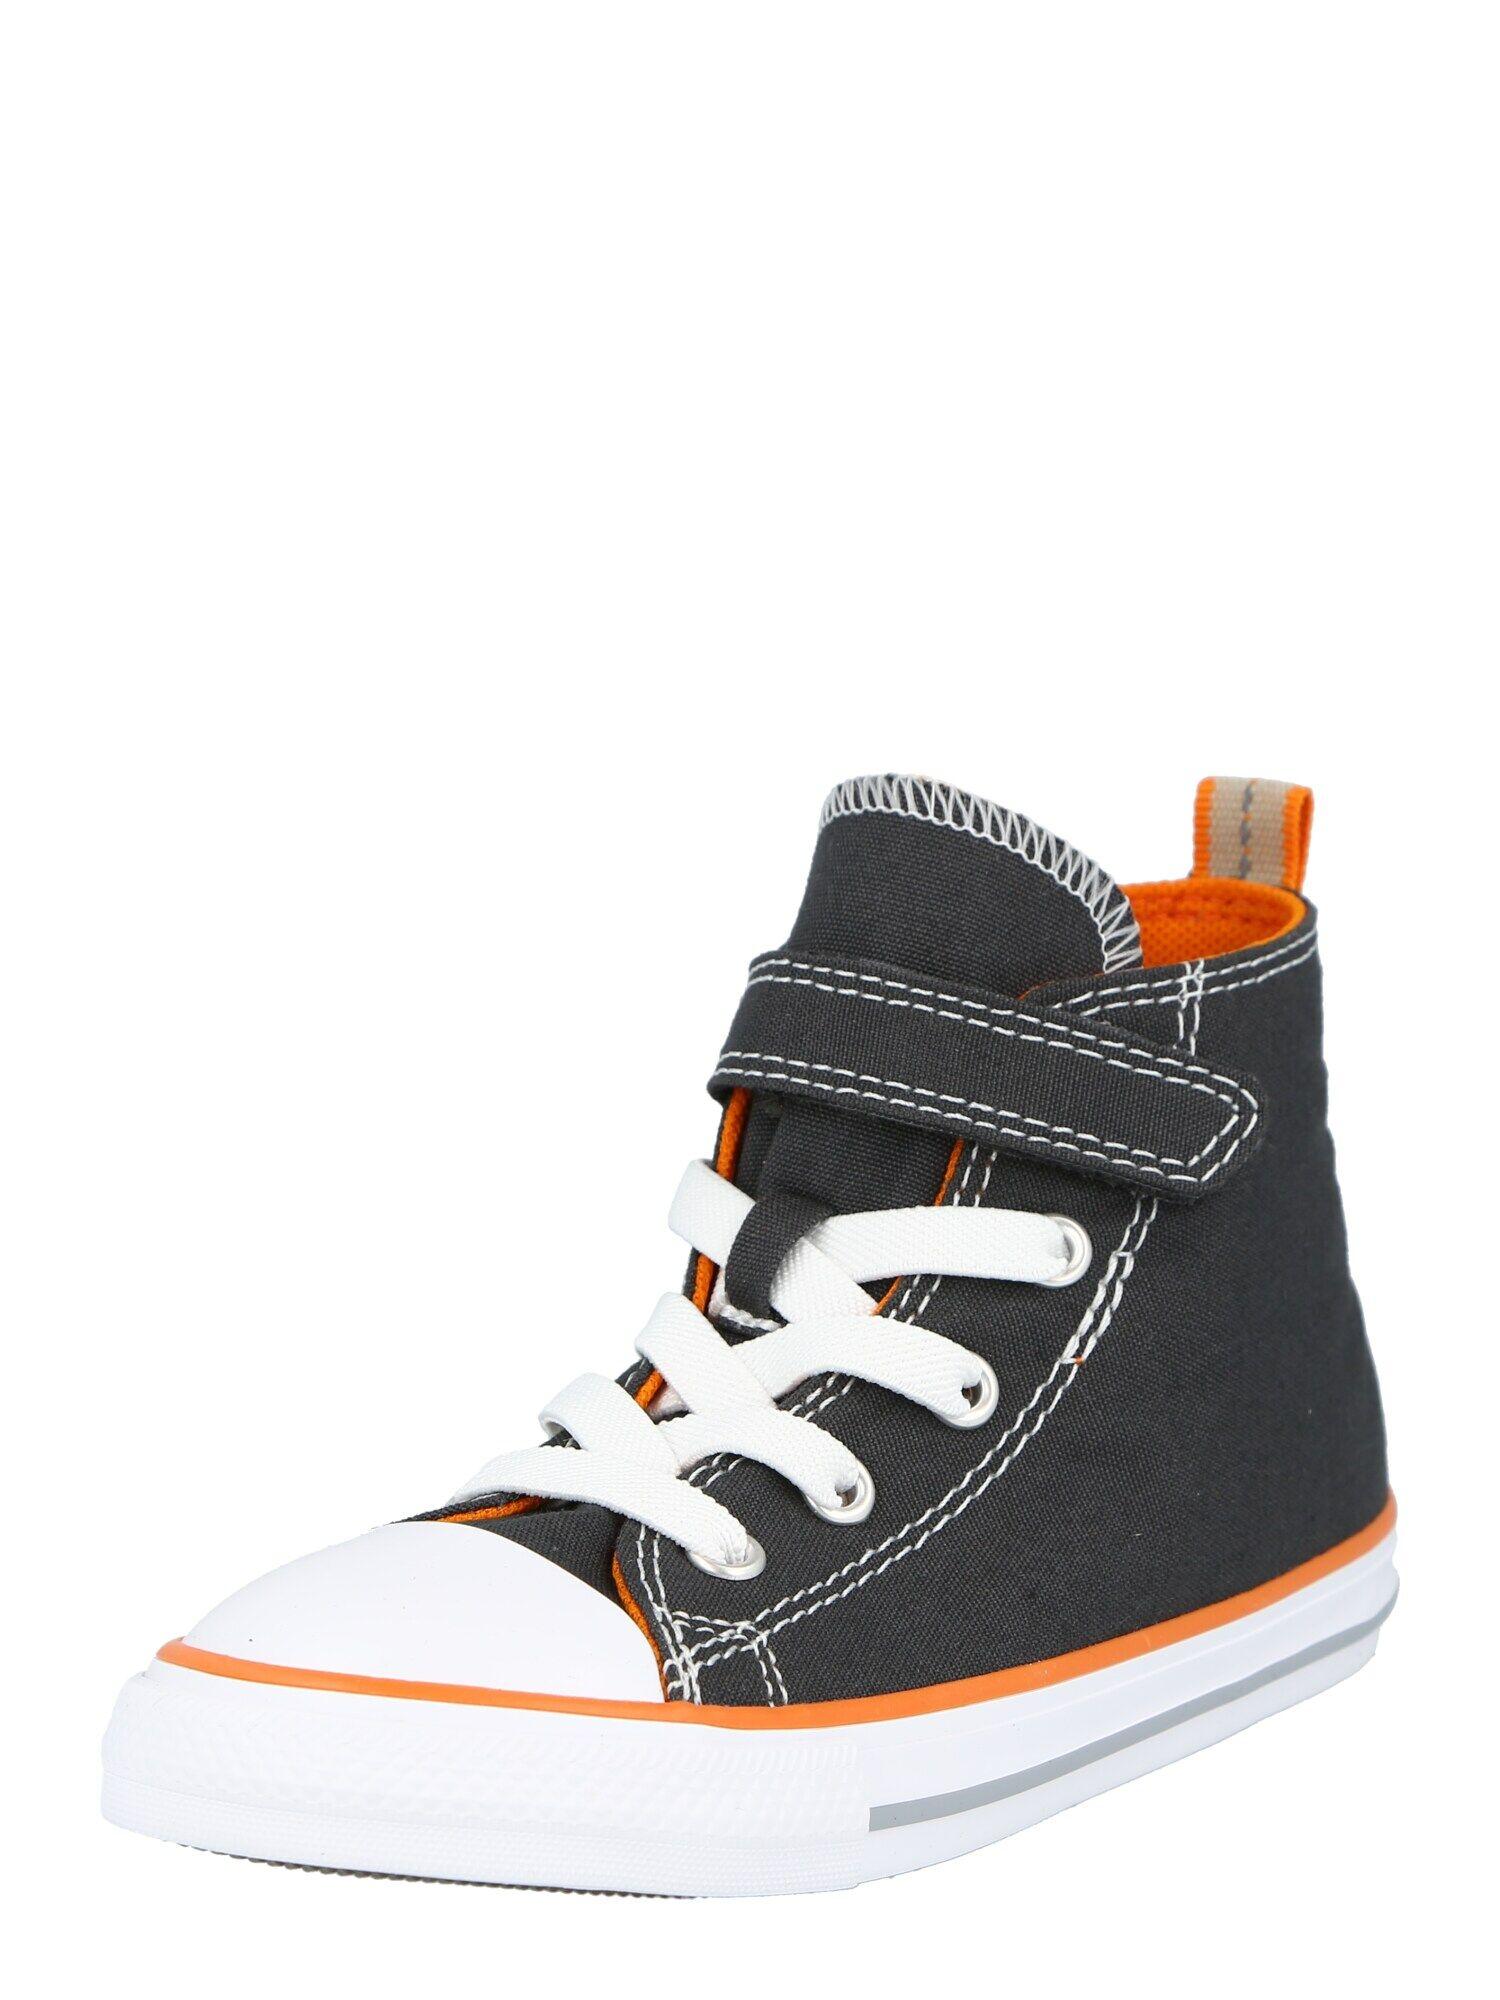 CONVERSE Sneaker 'CTAS 1V HI' Grigio